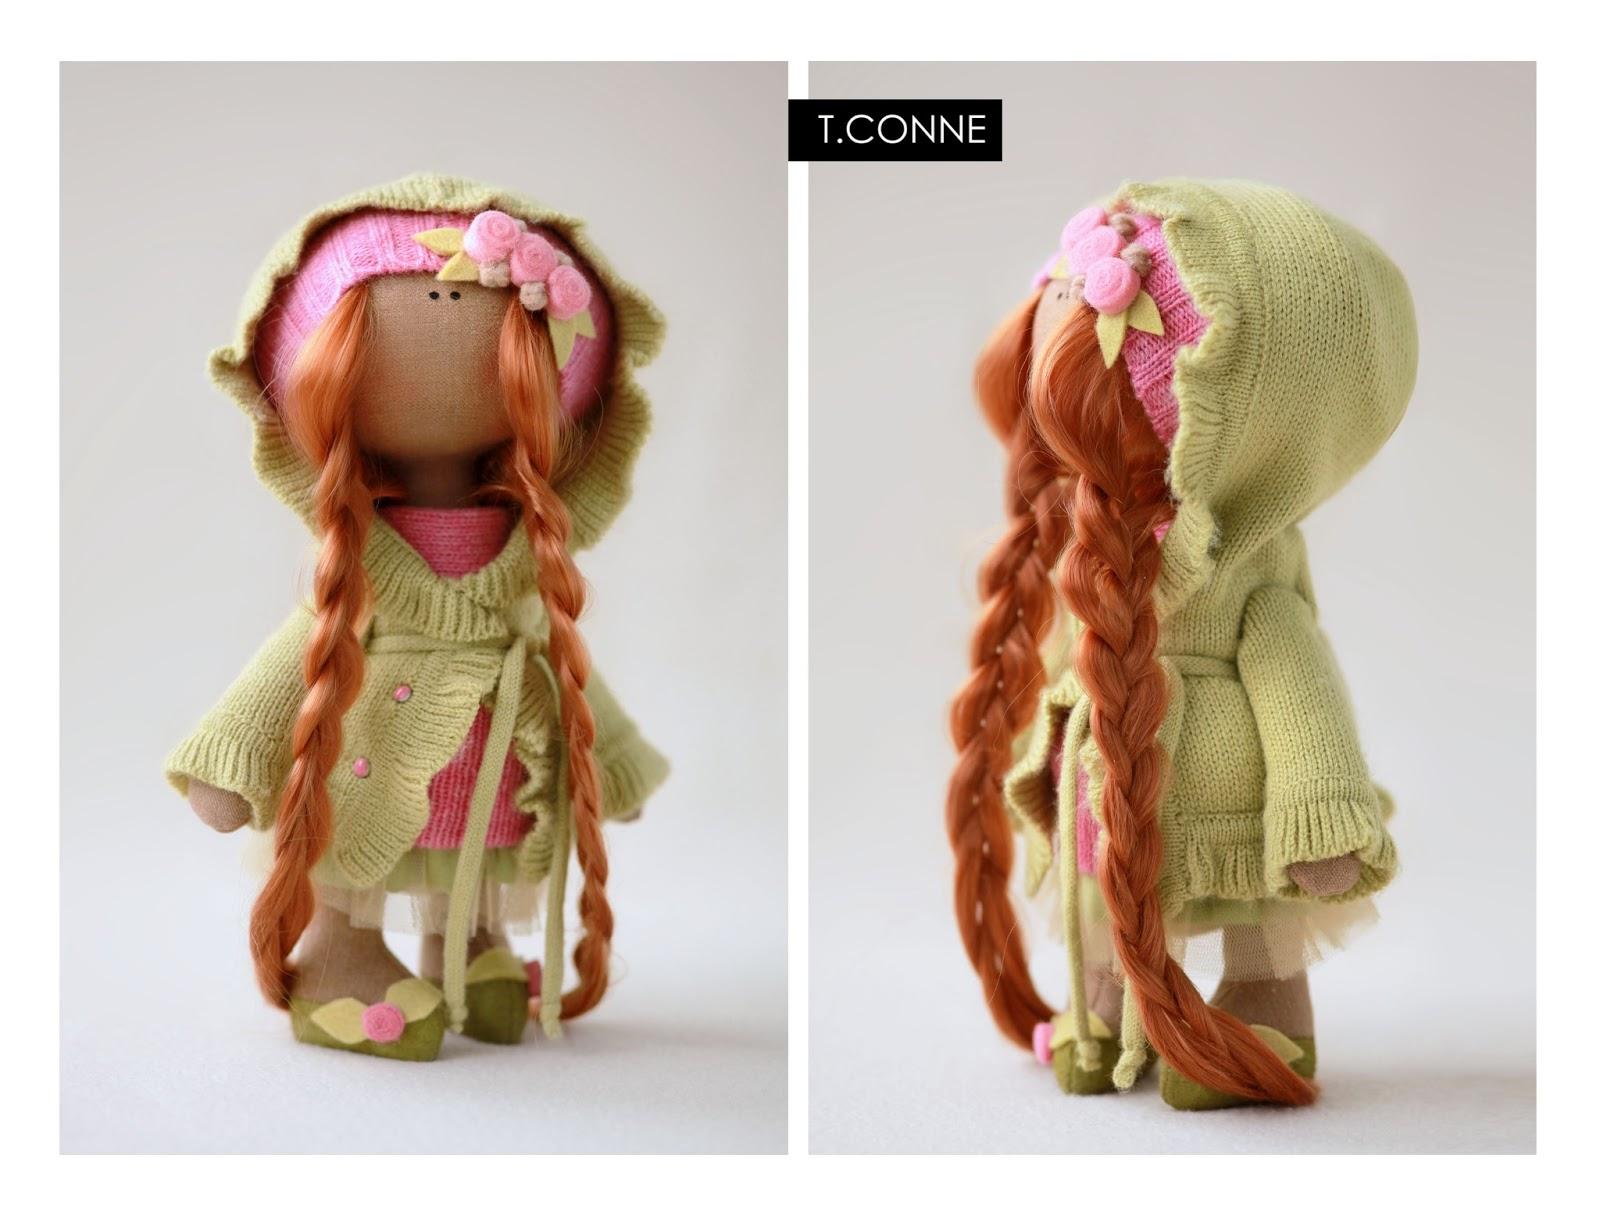 Кукла конне своими руками